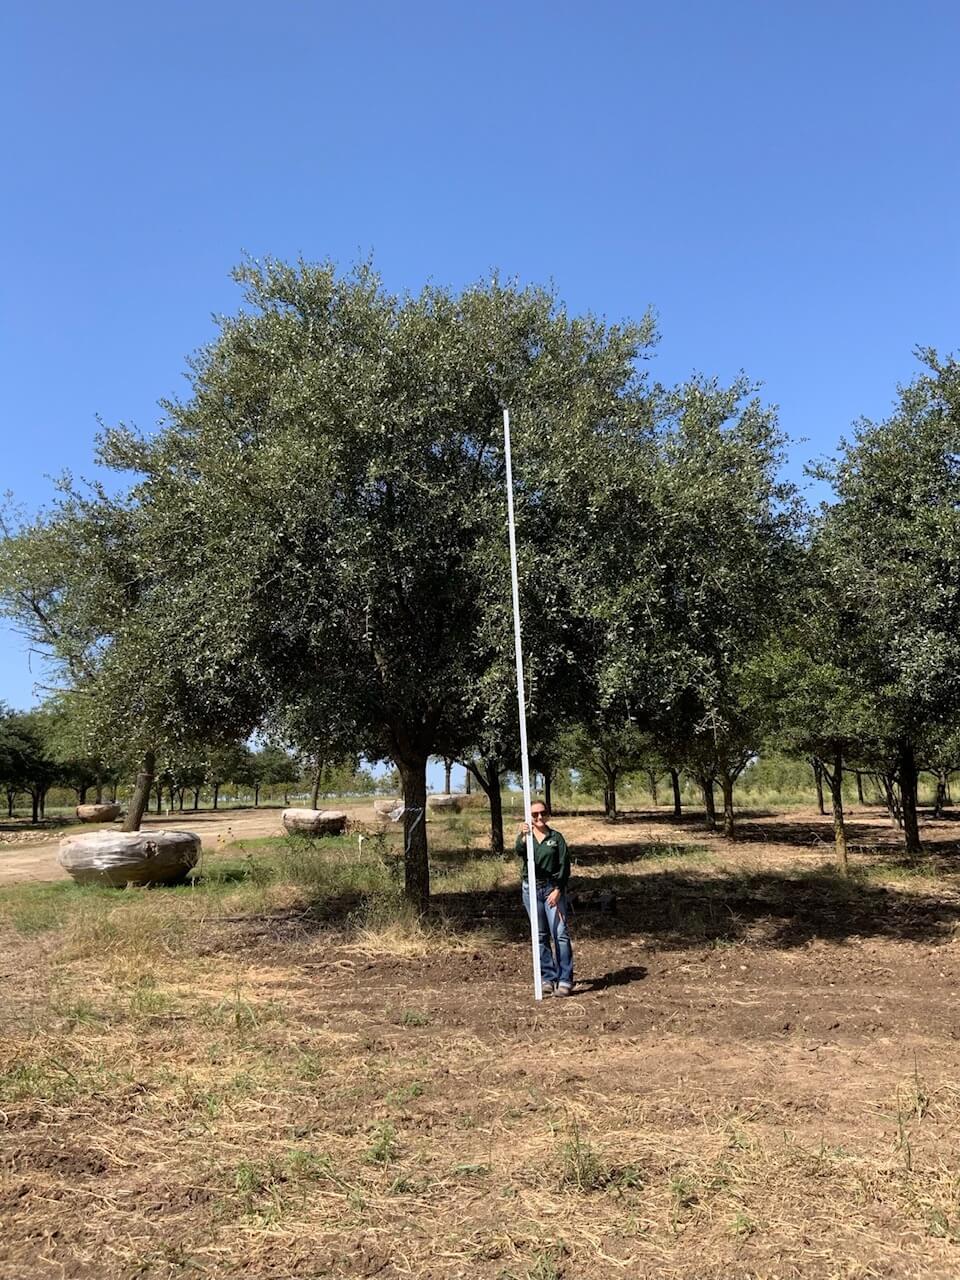 12 inch live oak trees